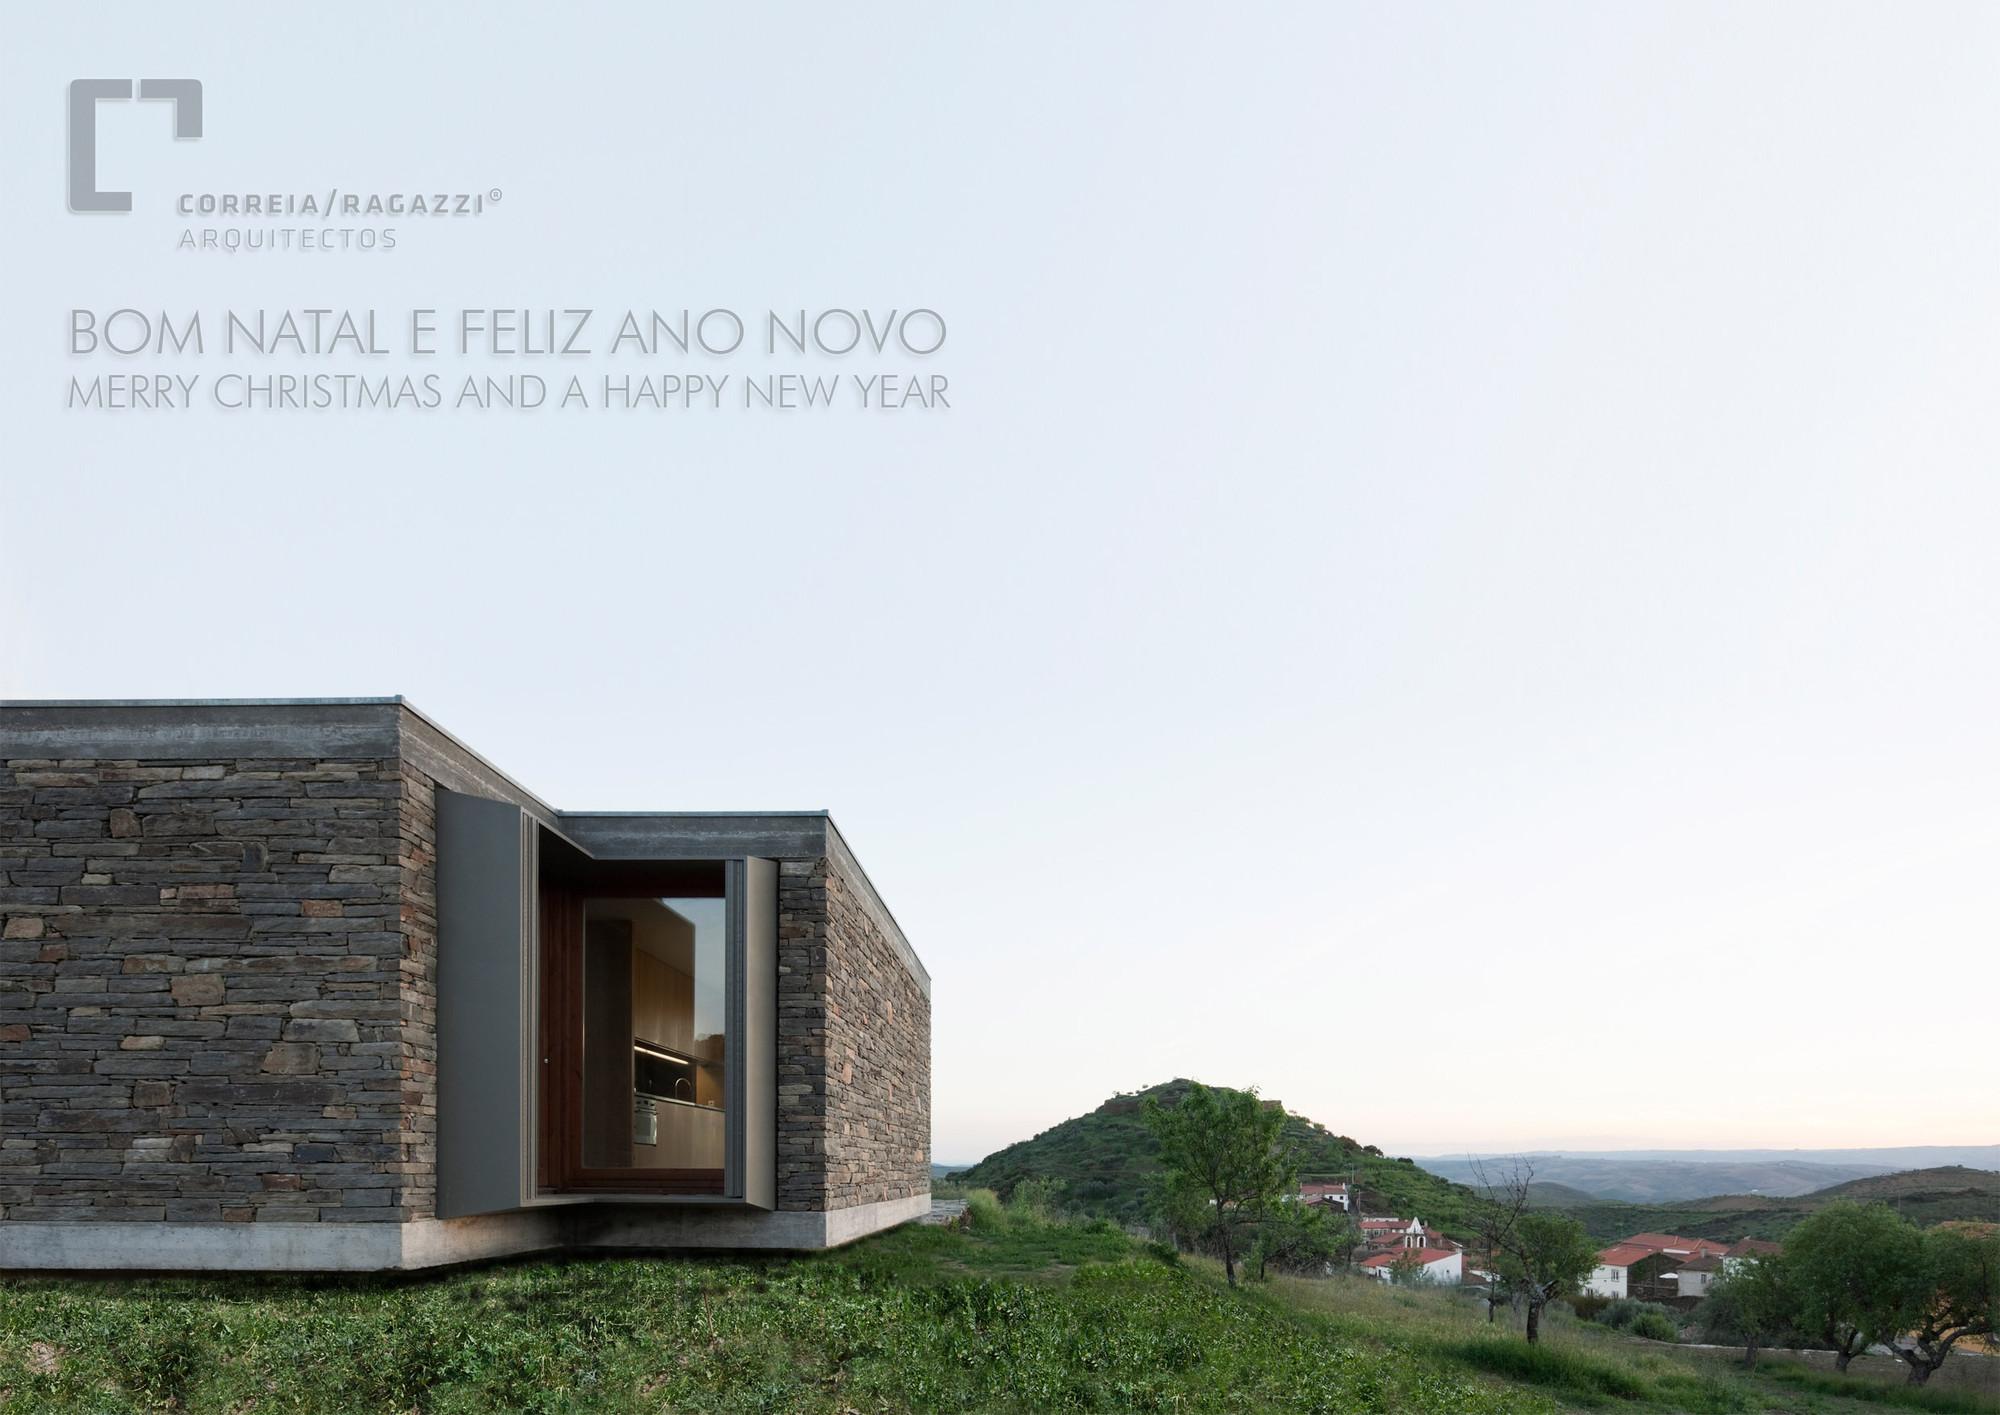 Correia/Ragazzi Arquitectos